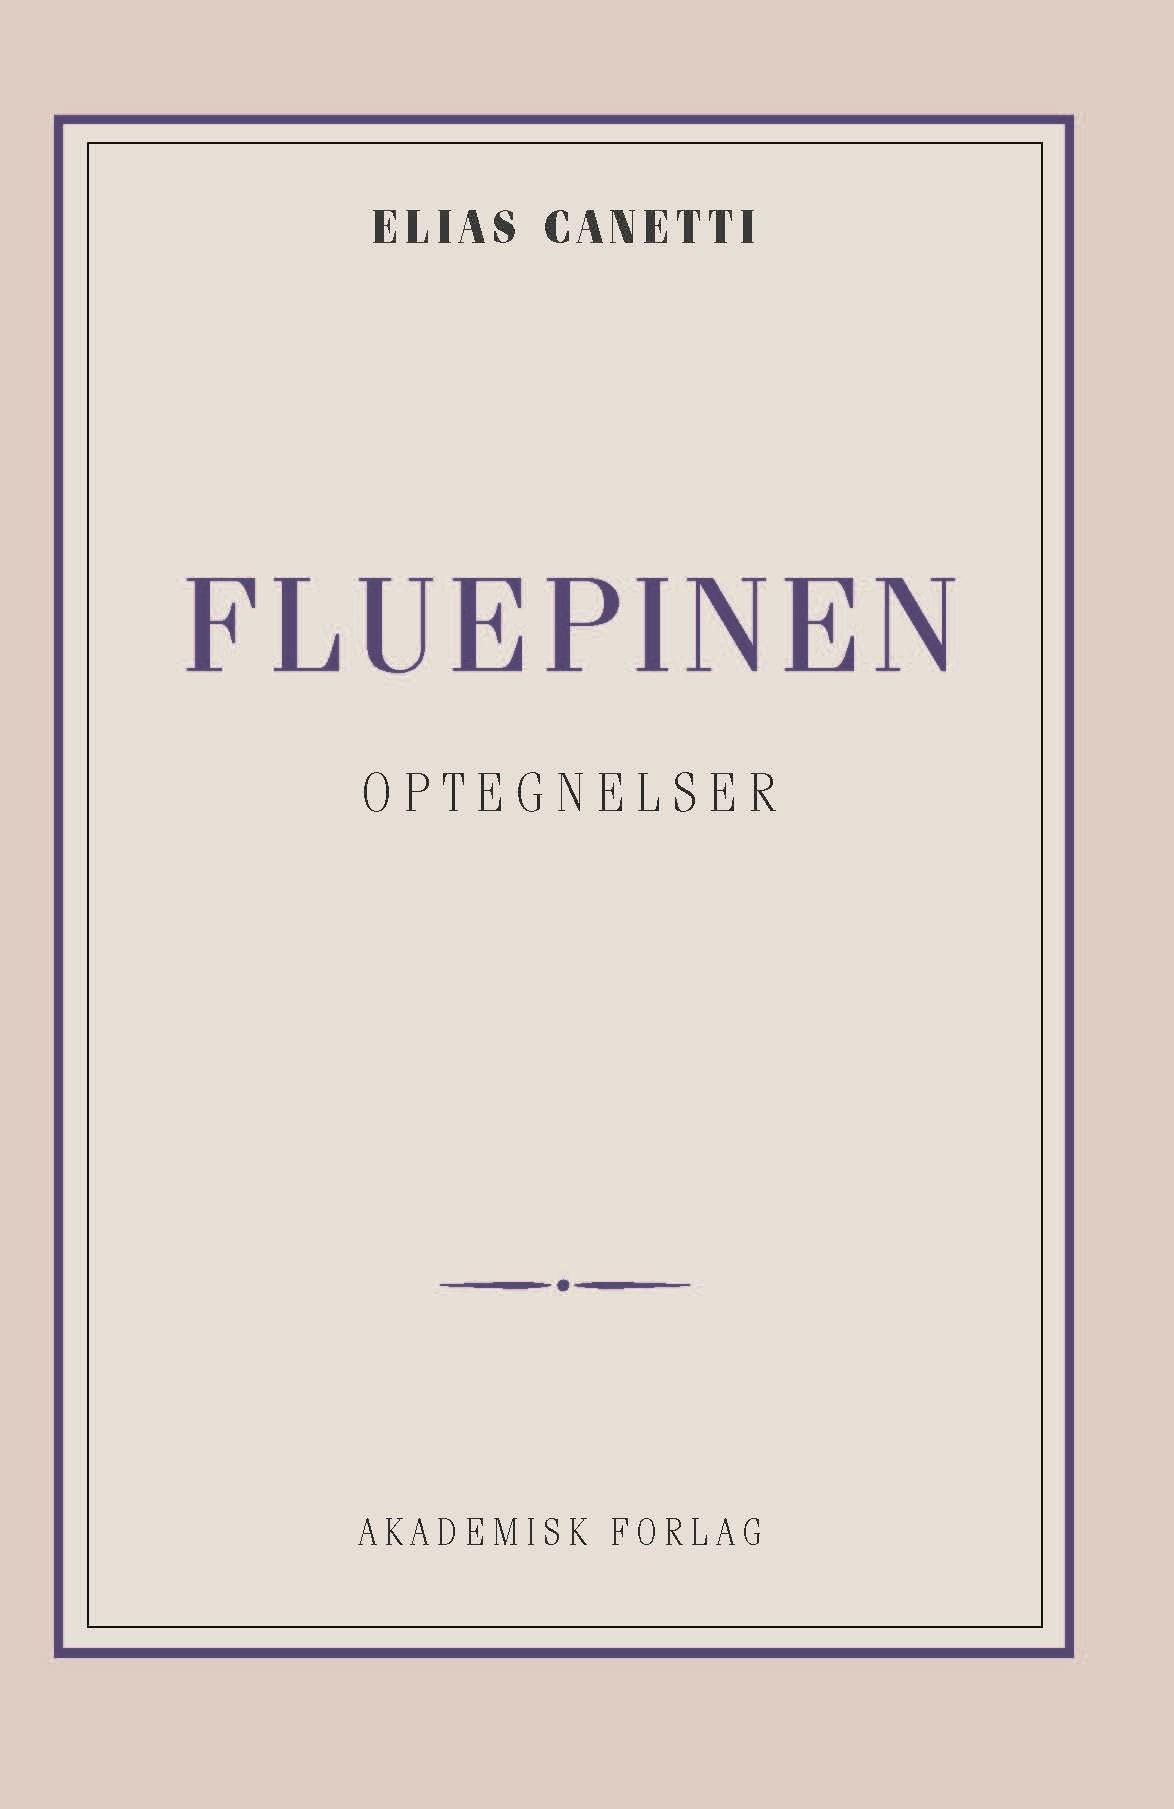 Fluepinen: optegnelser - Elias Canetti - Bøger - Akademisk Forlag - 9788750054269 - March 1, 2019